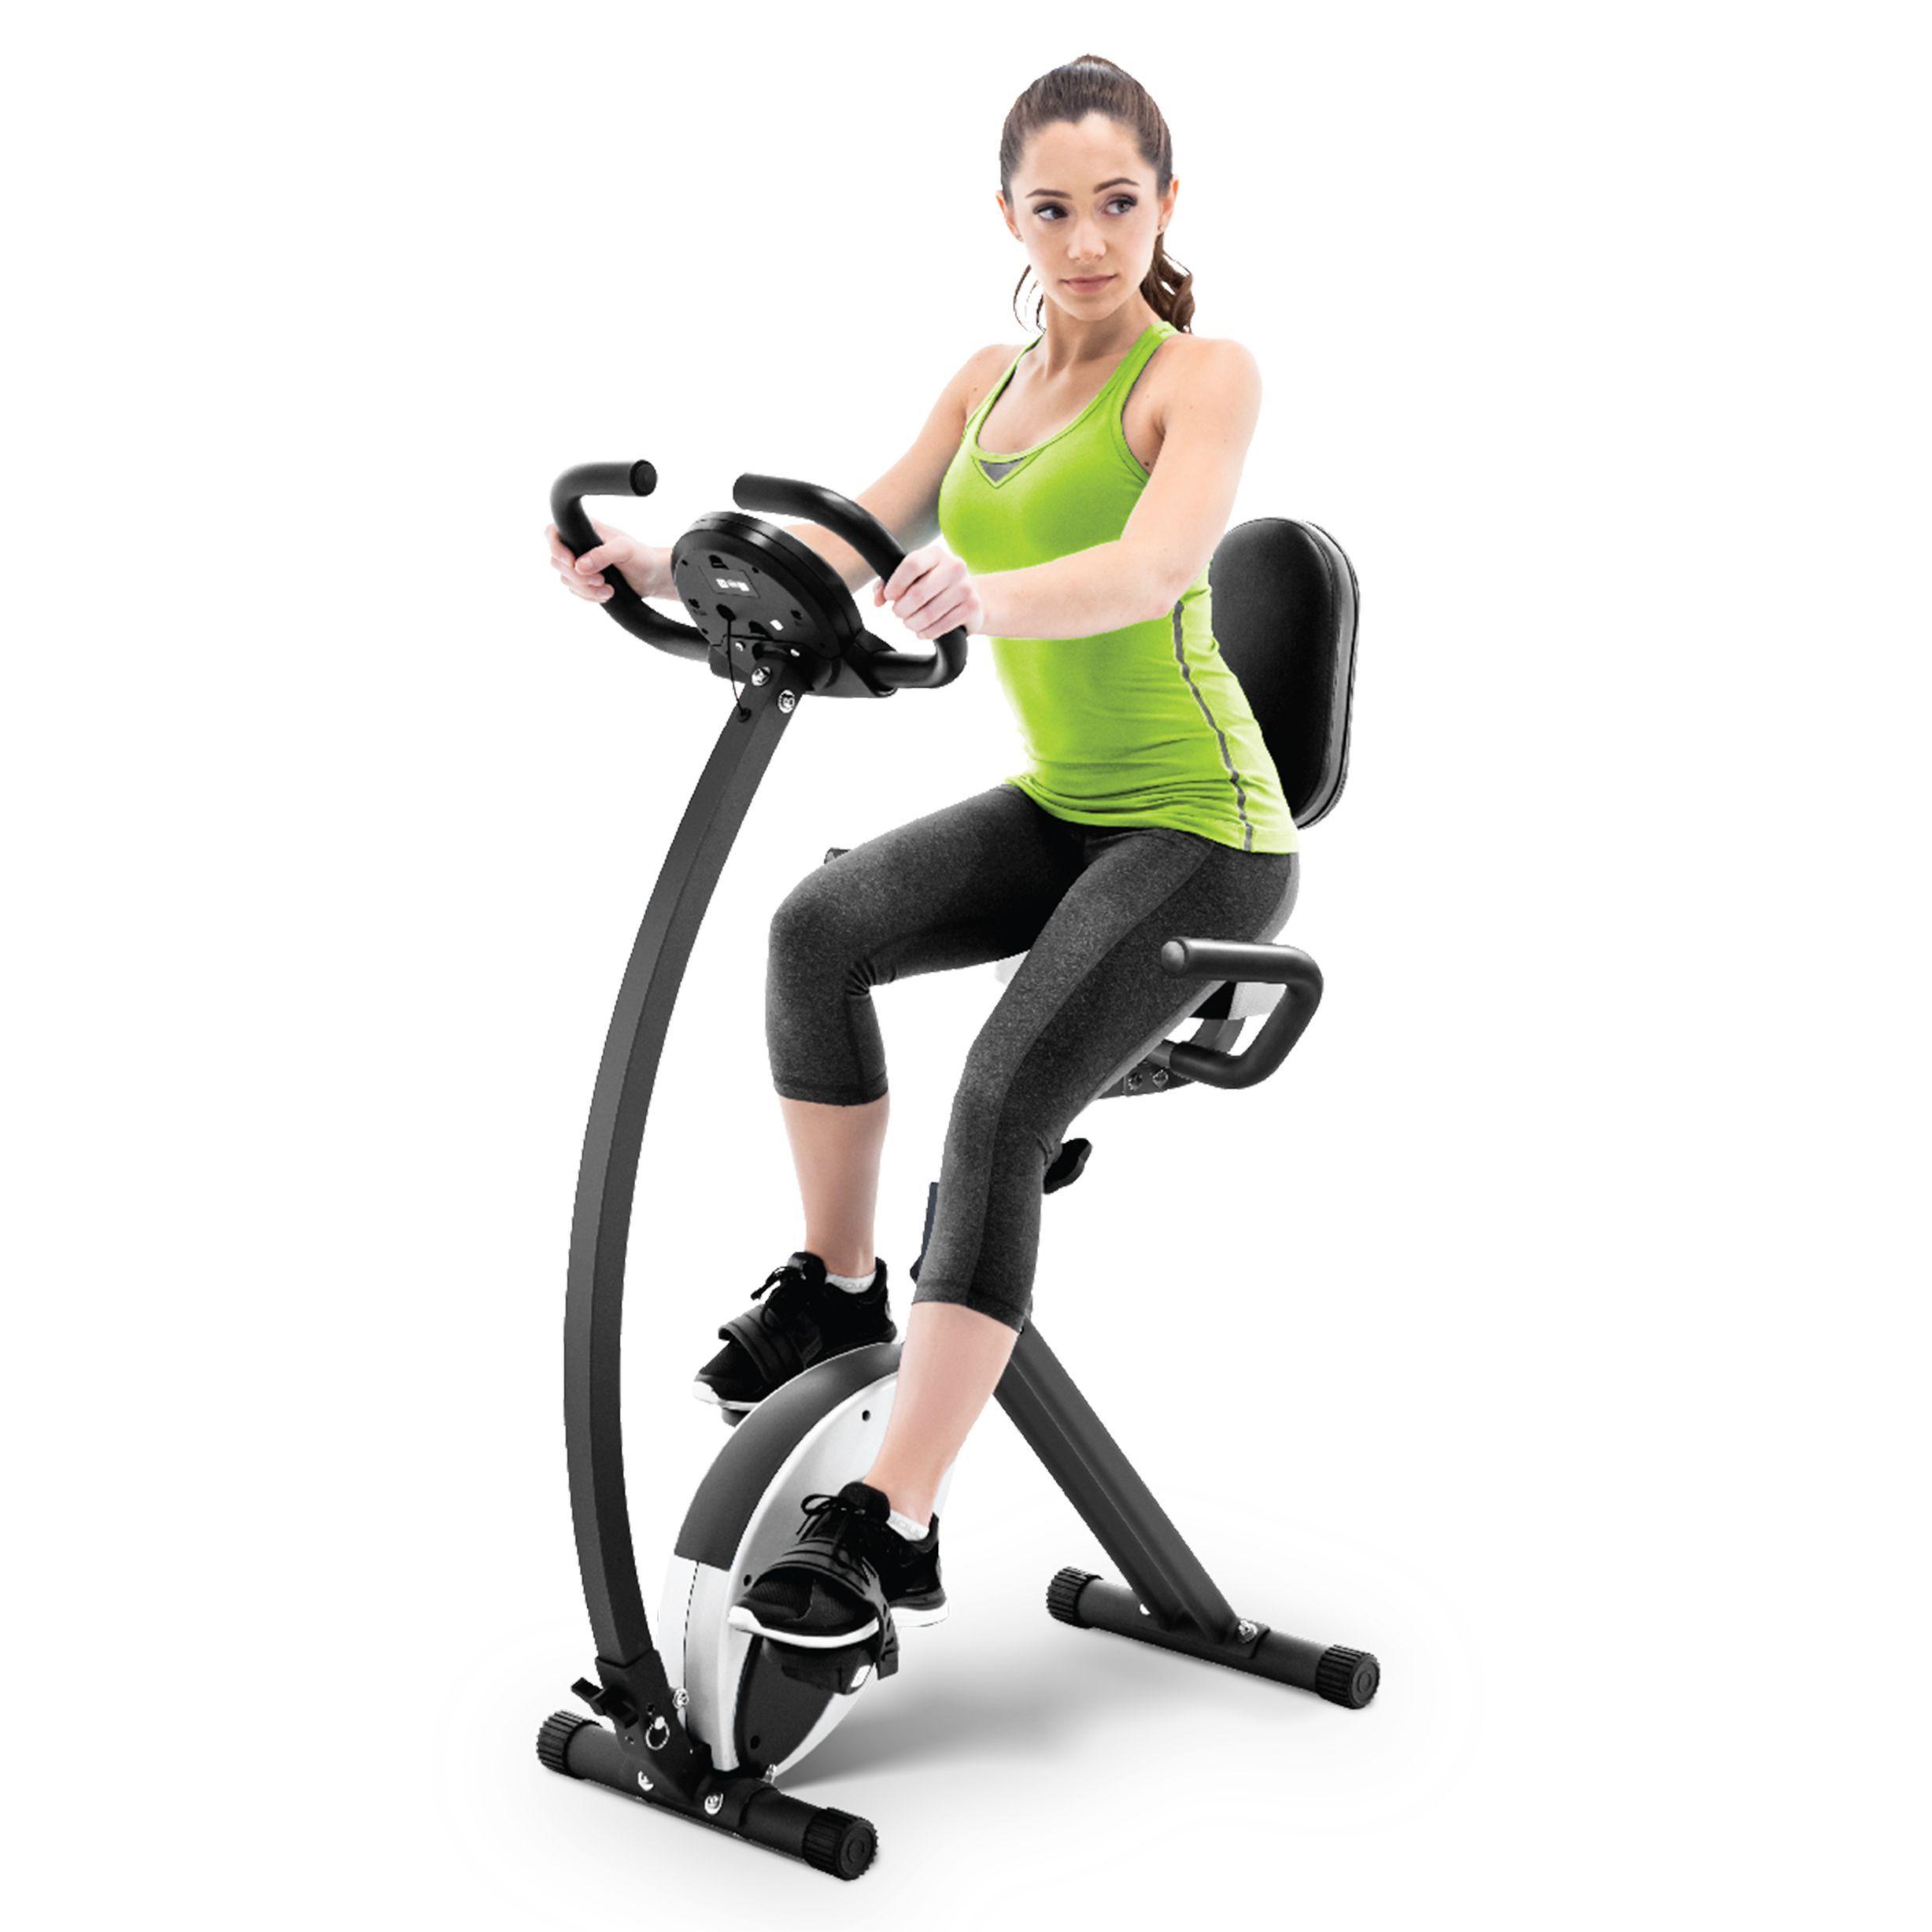 Marcy Foldable Electronic Exercise Bike | Upright exercise ...